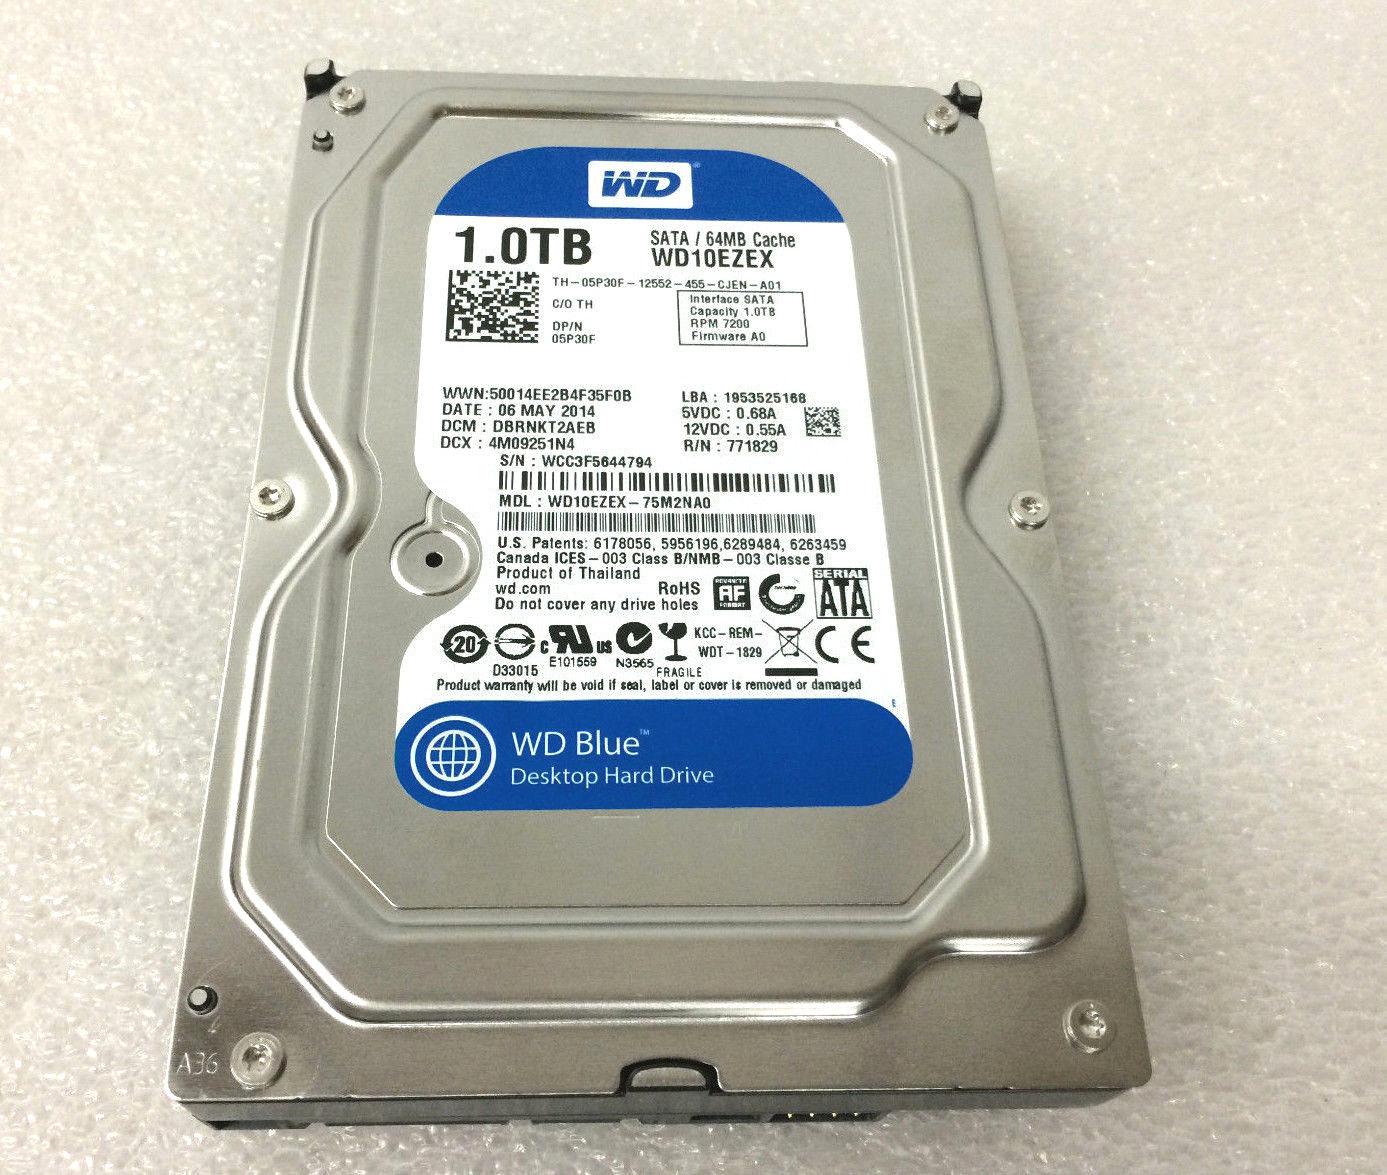 Dell Western Digital 1TB 7.2K 6GBPS 64MB Cache SATA 3.5'' Hard Drive (5P30F)